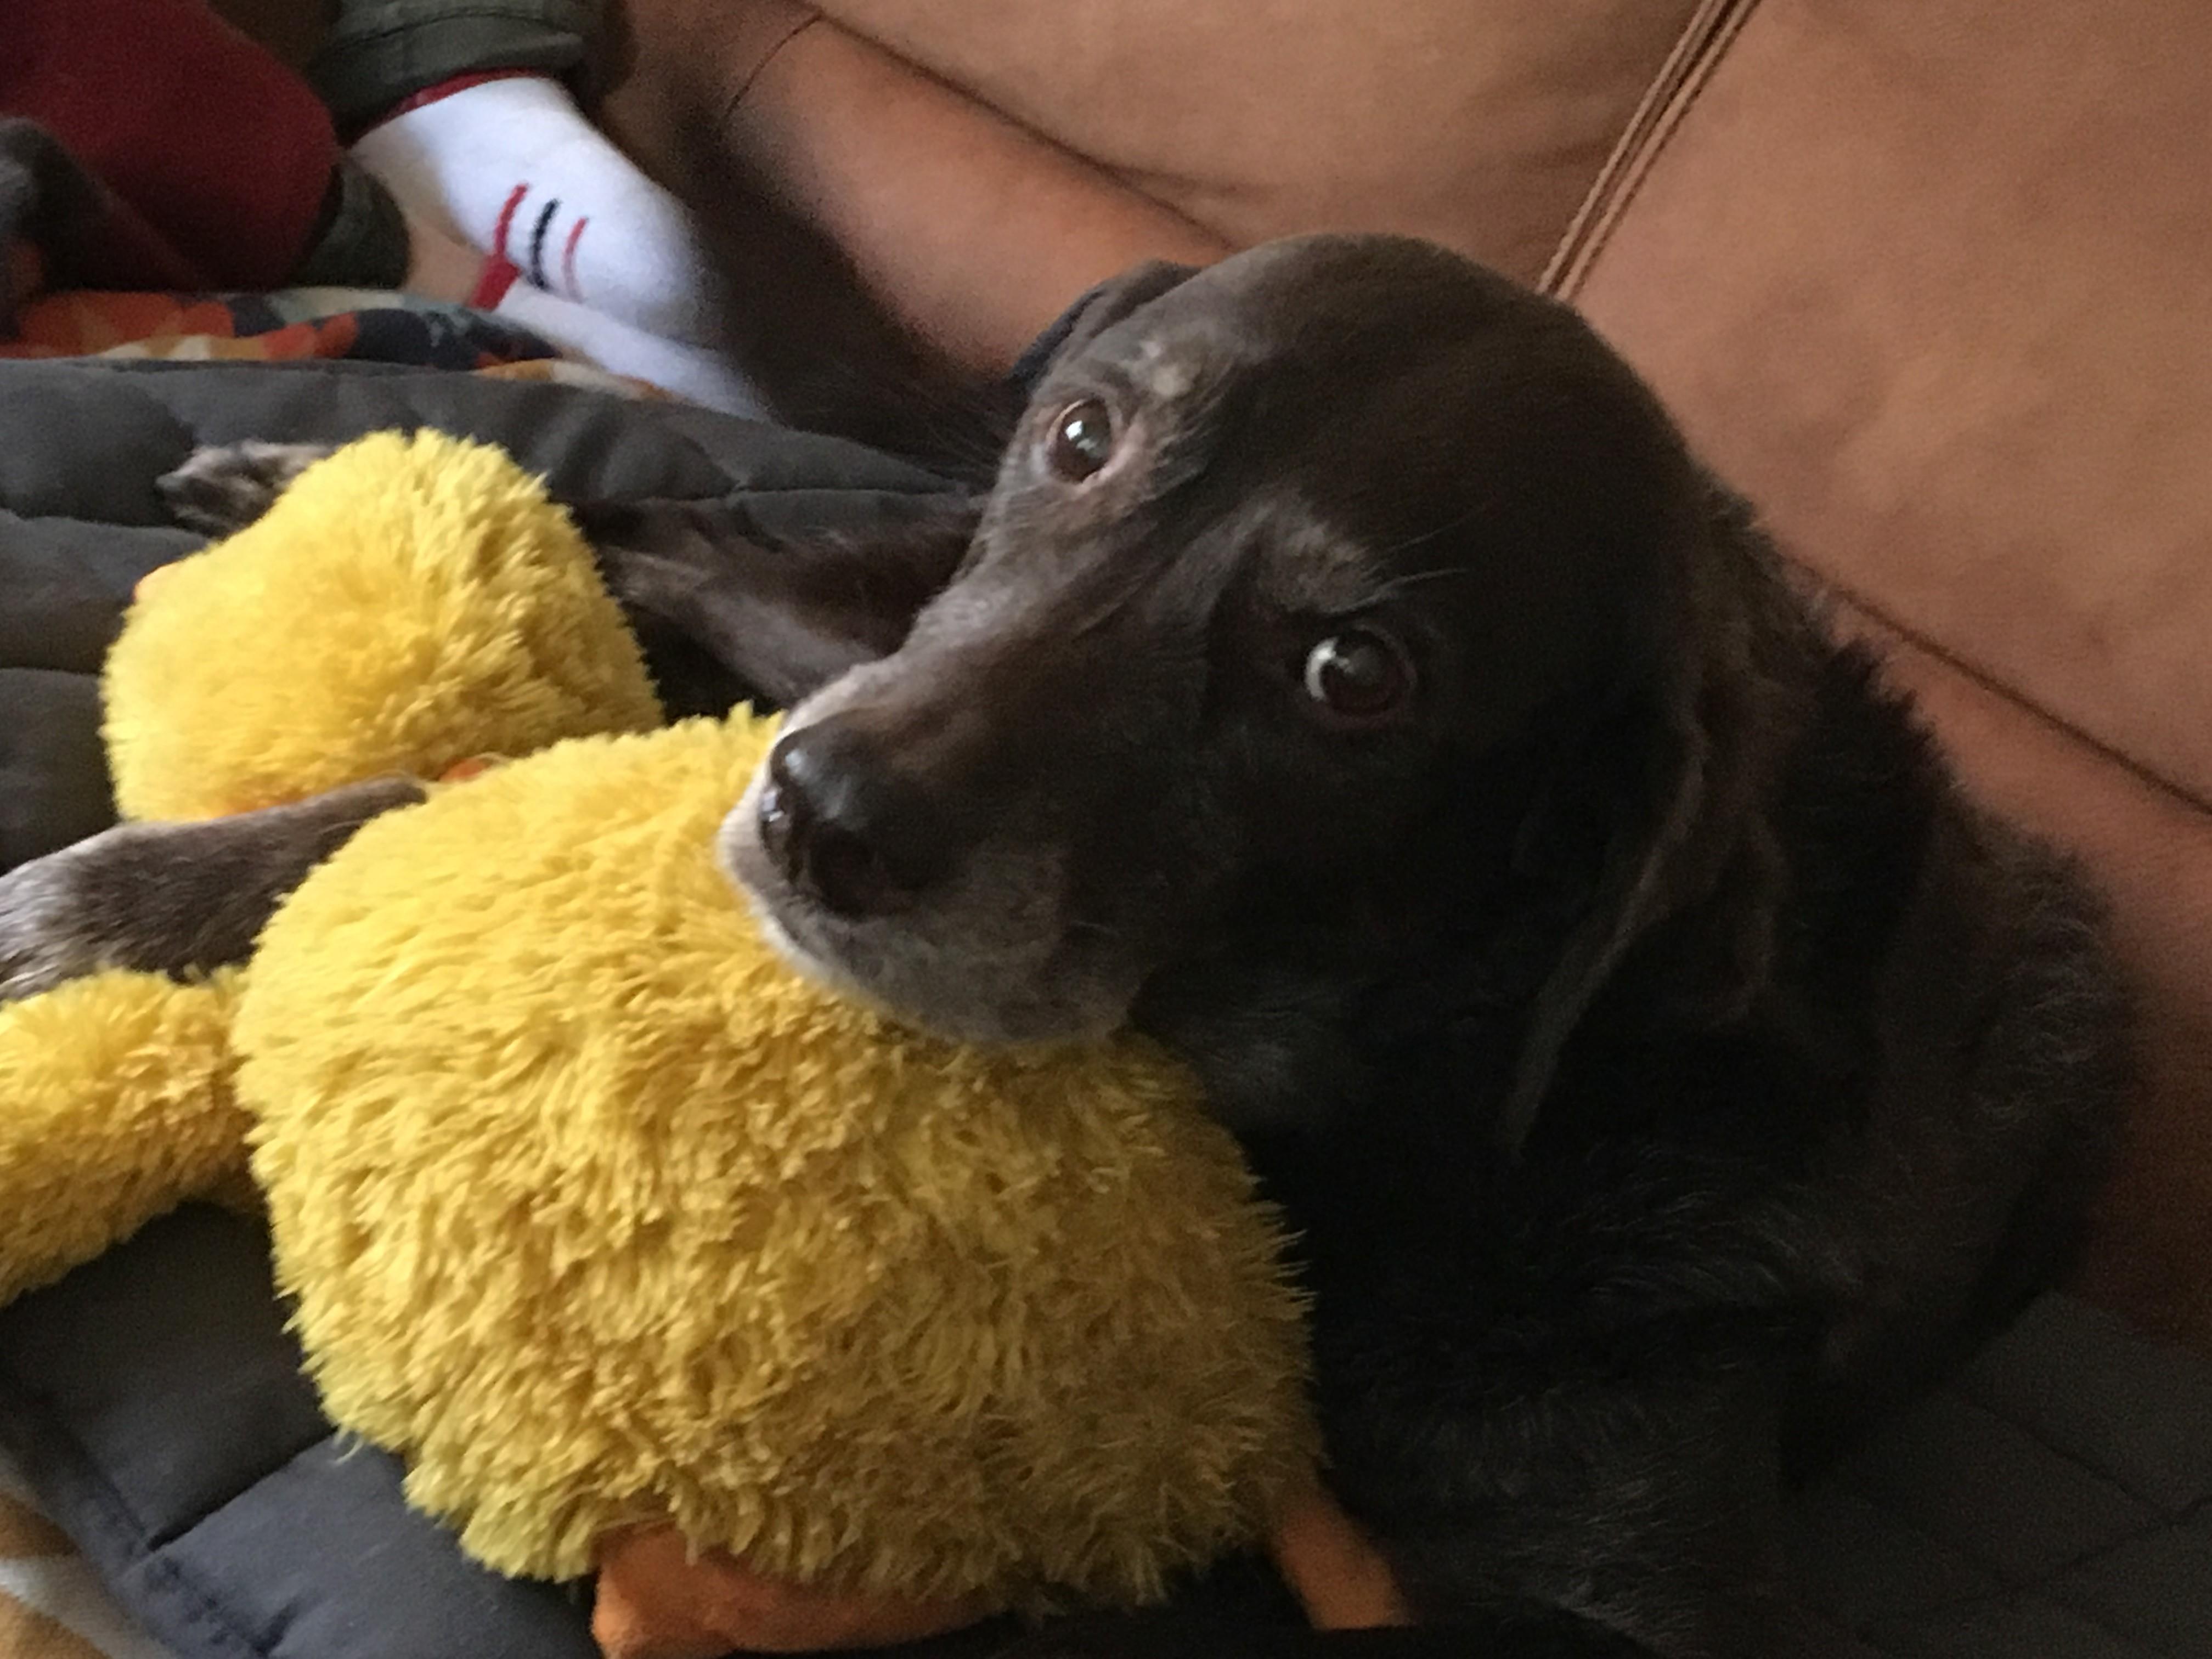 Gestorben worte hund tröstende Trauersprüche Hund: